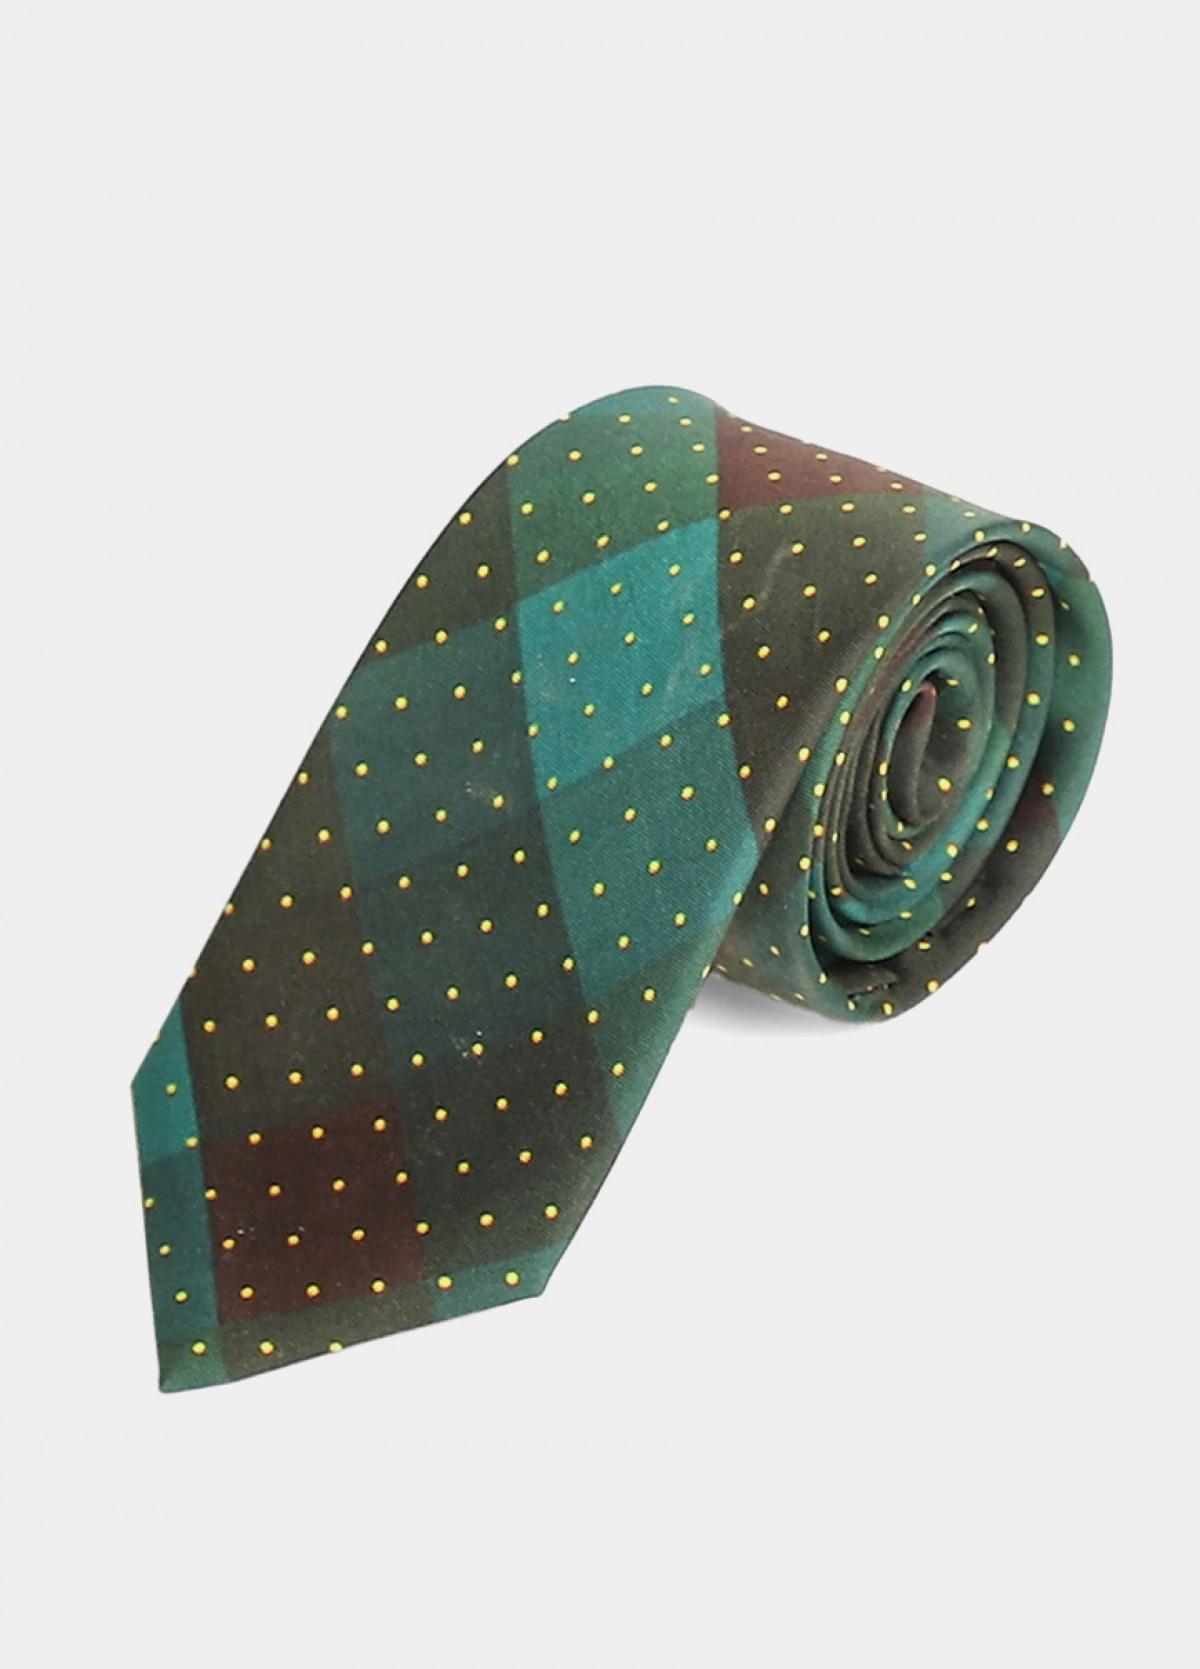 The Checkerd Tie